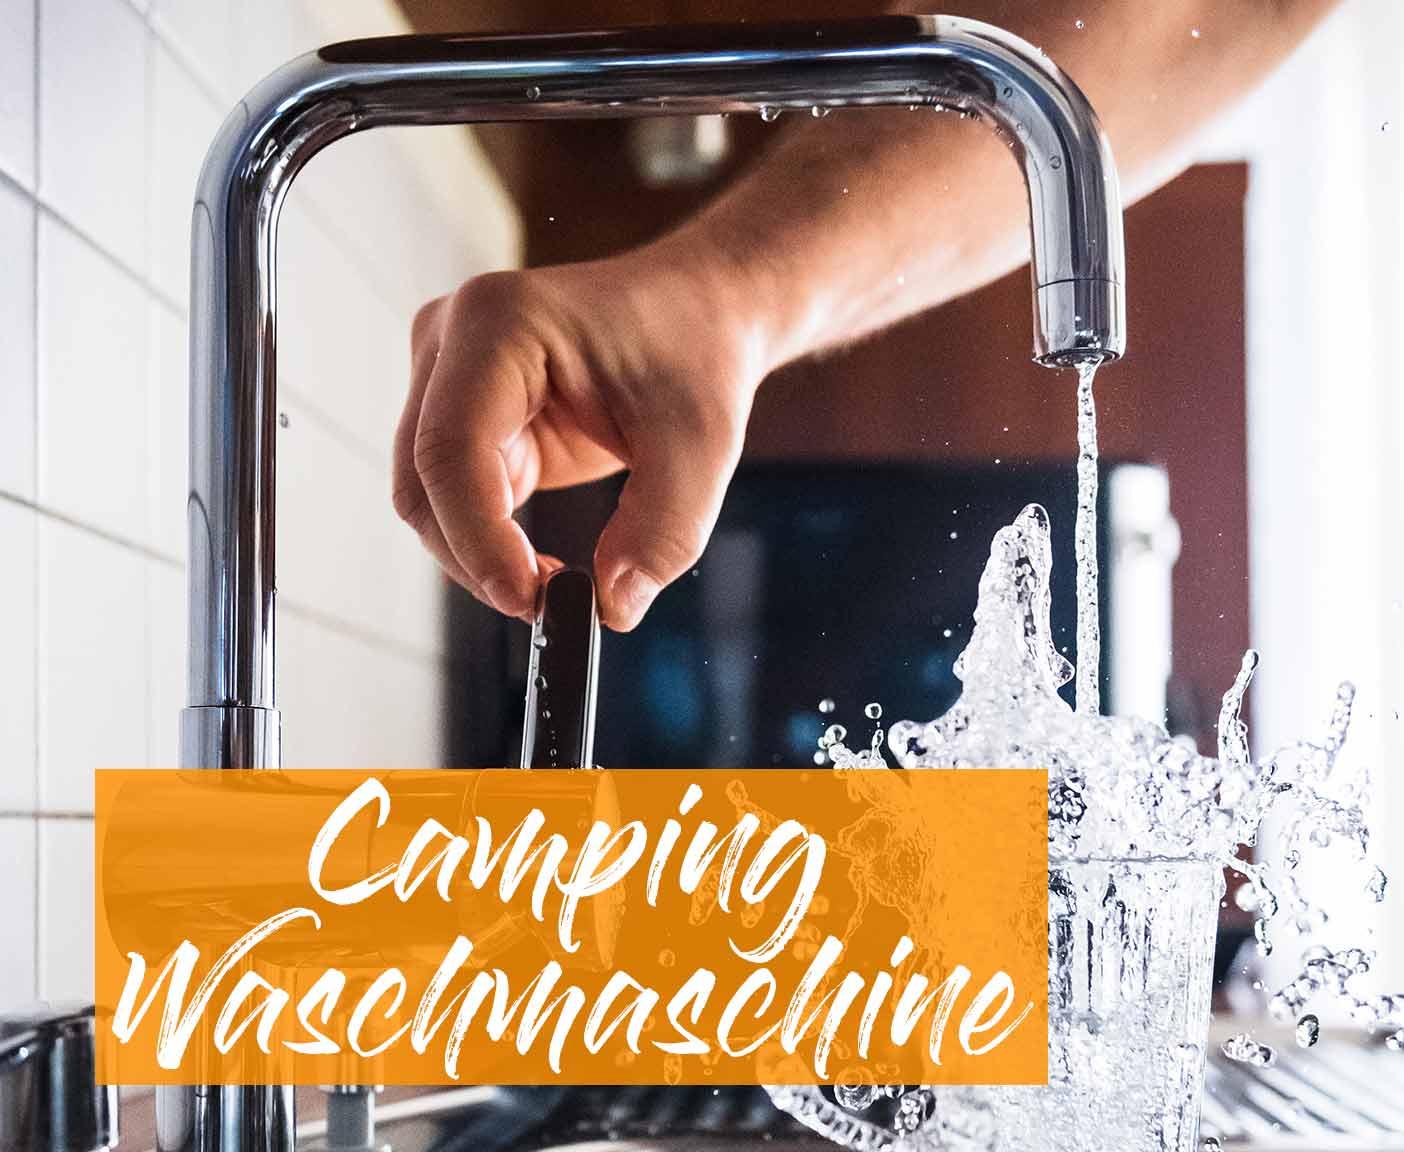 wohnmobil-camping-waschmaschine-test-schleuder-ohne-strom-12v-wohnwagen-erfahrung-guenstig